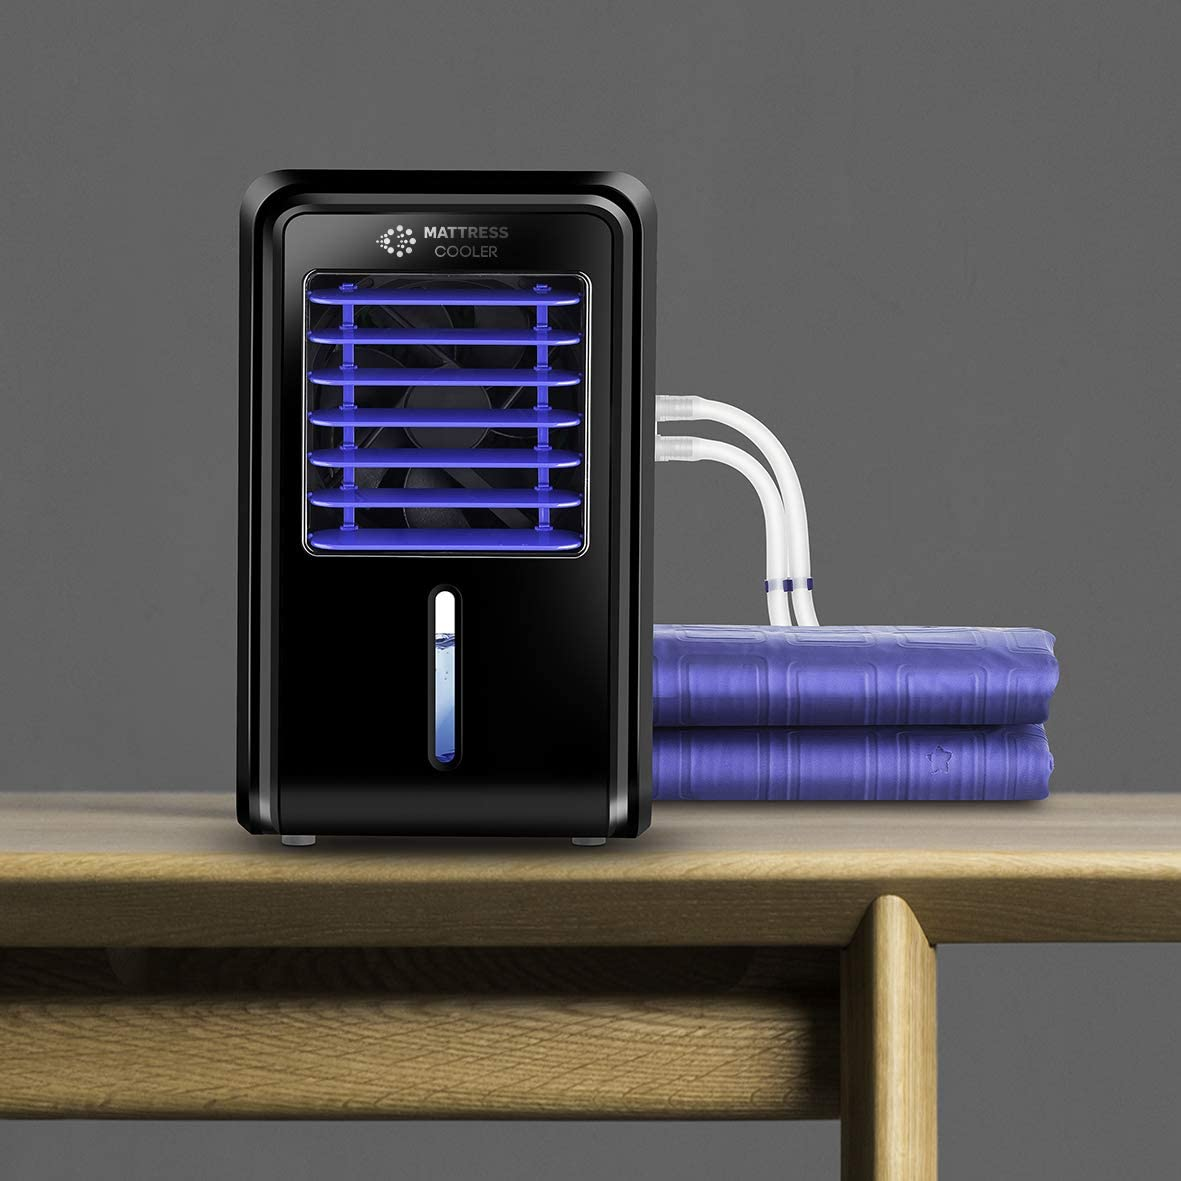 Mattress Cooler Chilled Water Sleep Cooling Systems Mattress Cooler Classic Box Set